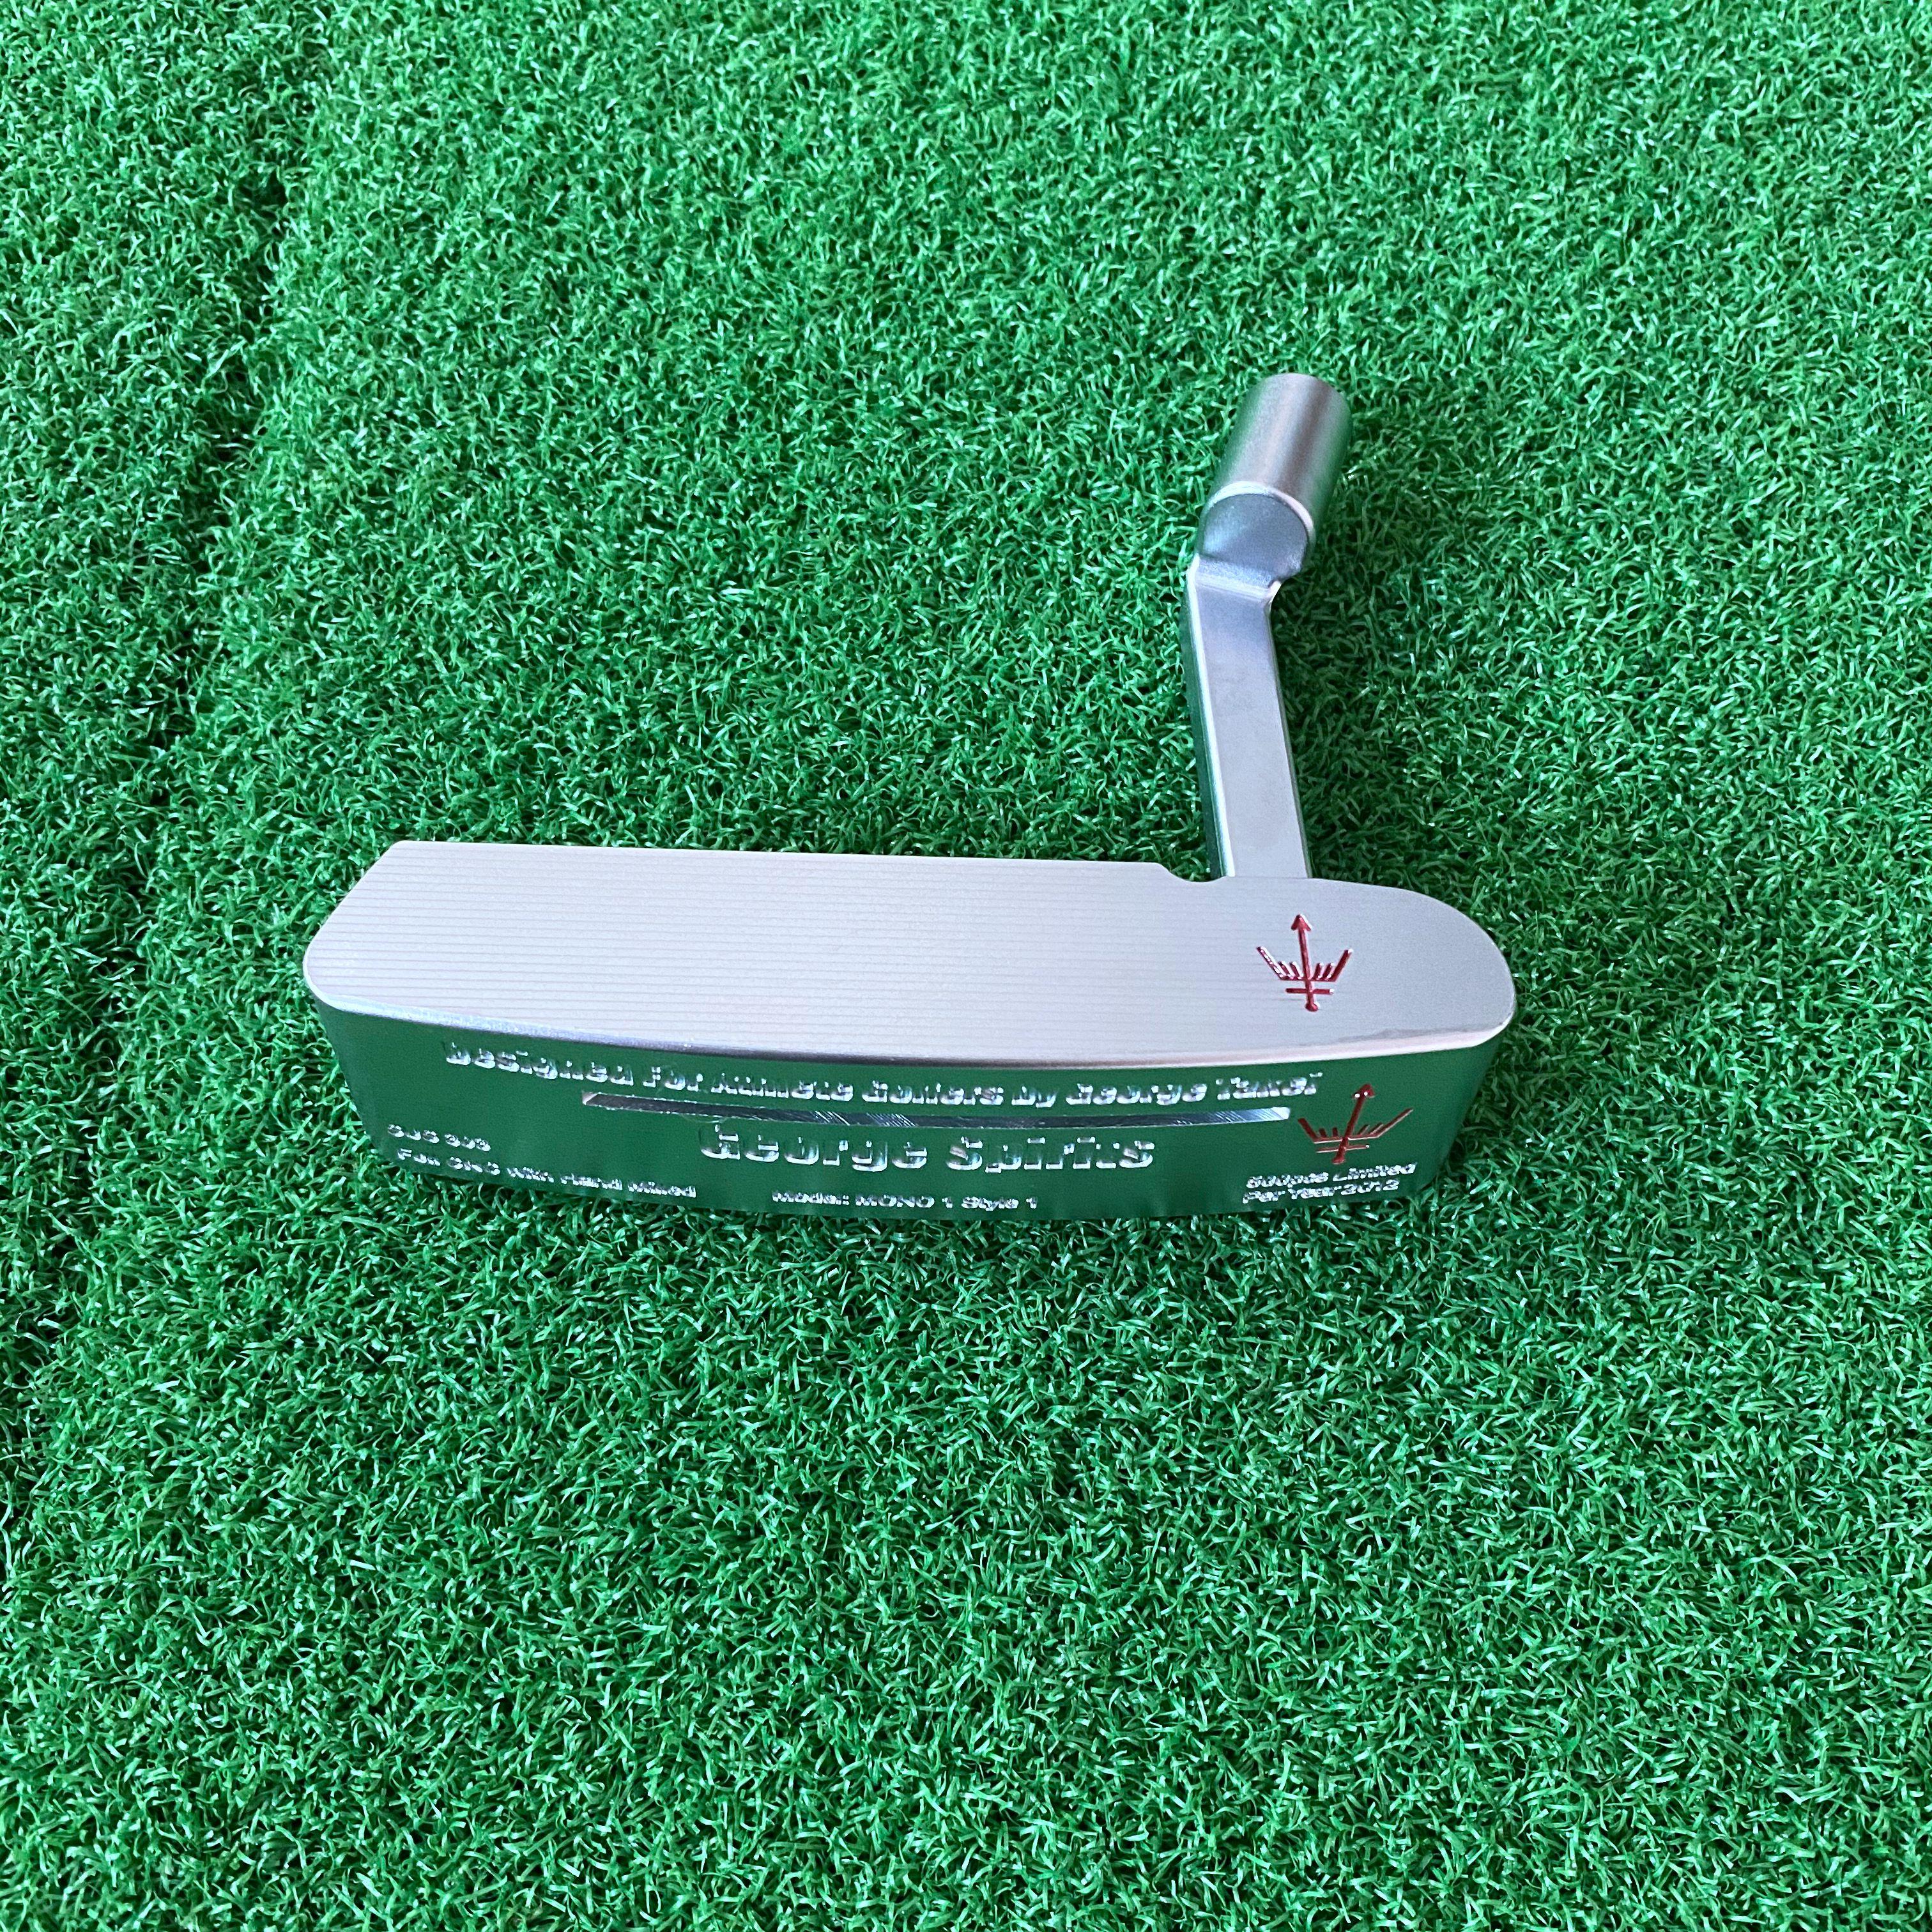 Новинка клюшка для клюшки для гольфа только для мужчин Джордж Духи Лофт 3 без клюшки Бесплатная доставка Мягкий Утюг